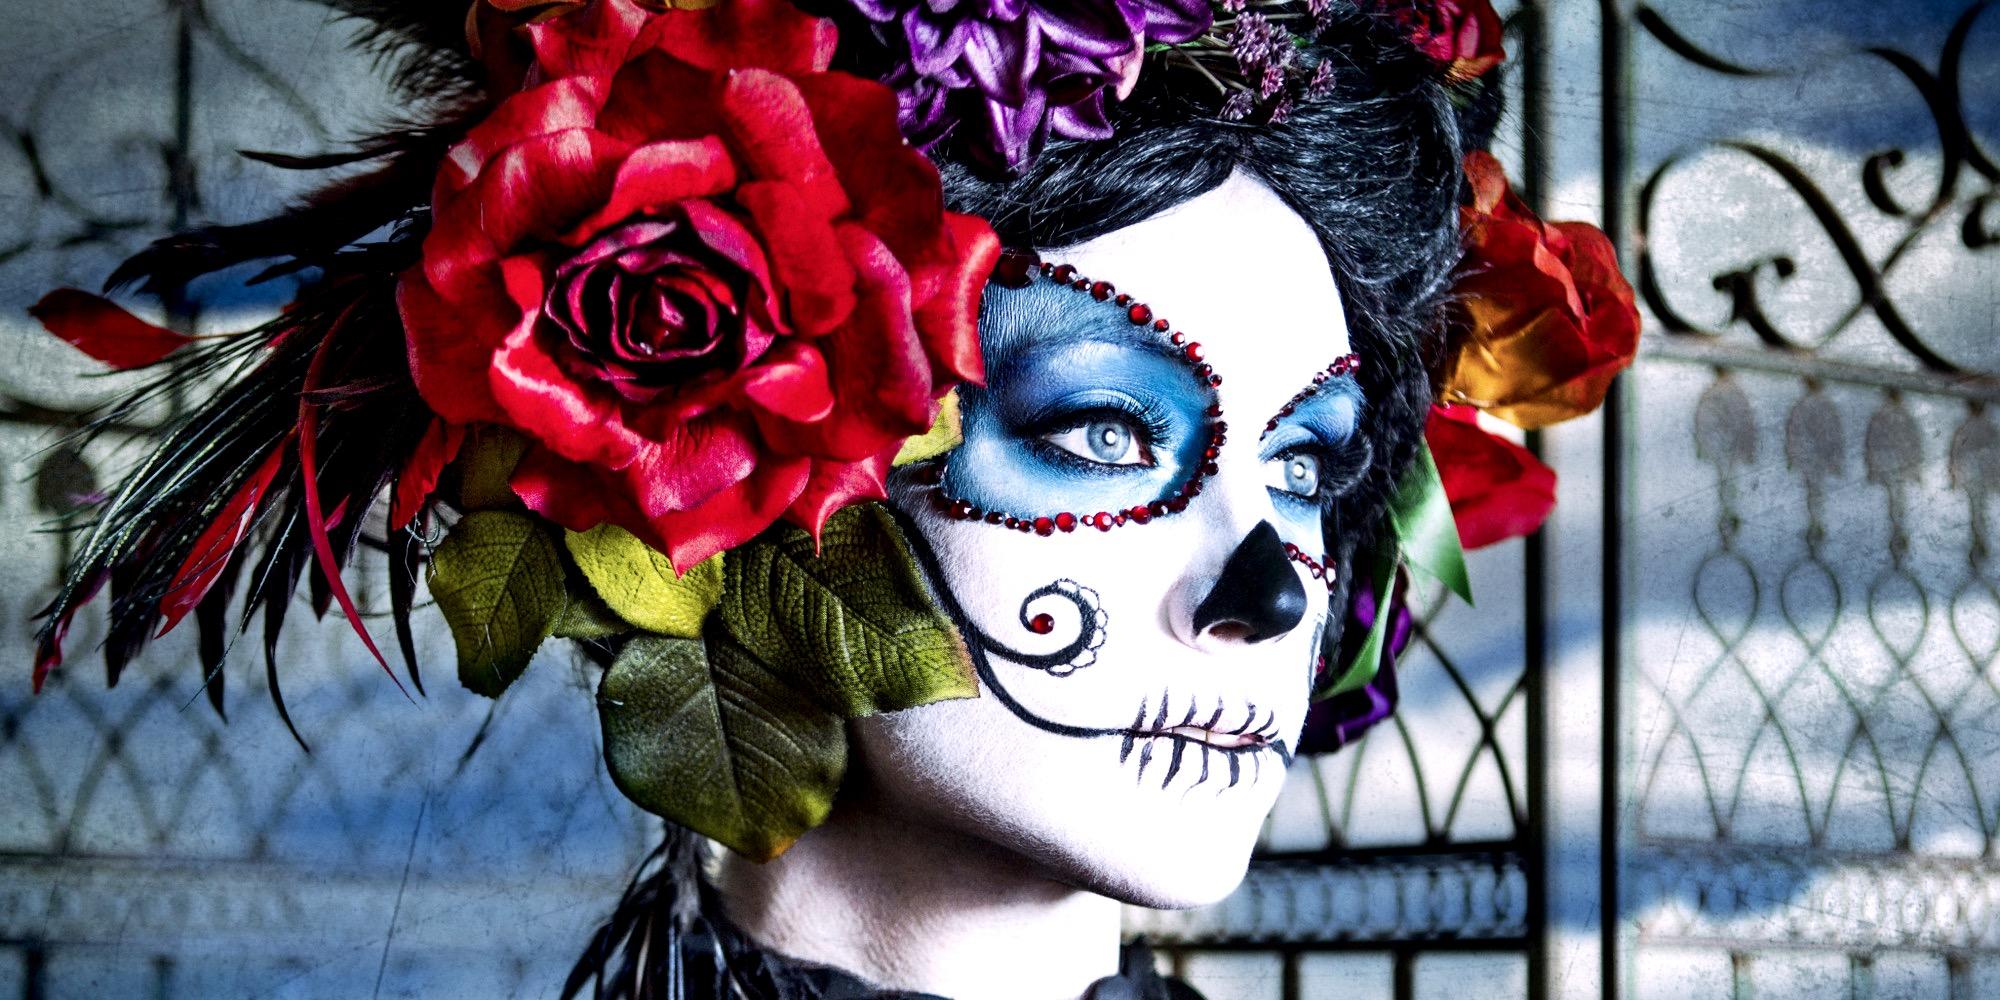 Самый популярный мексиканский праздник День Мертвых, Мексика